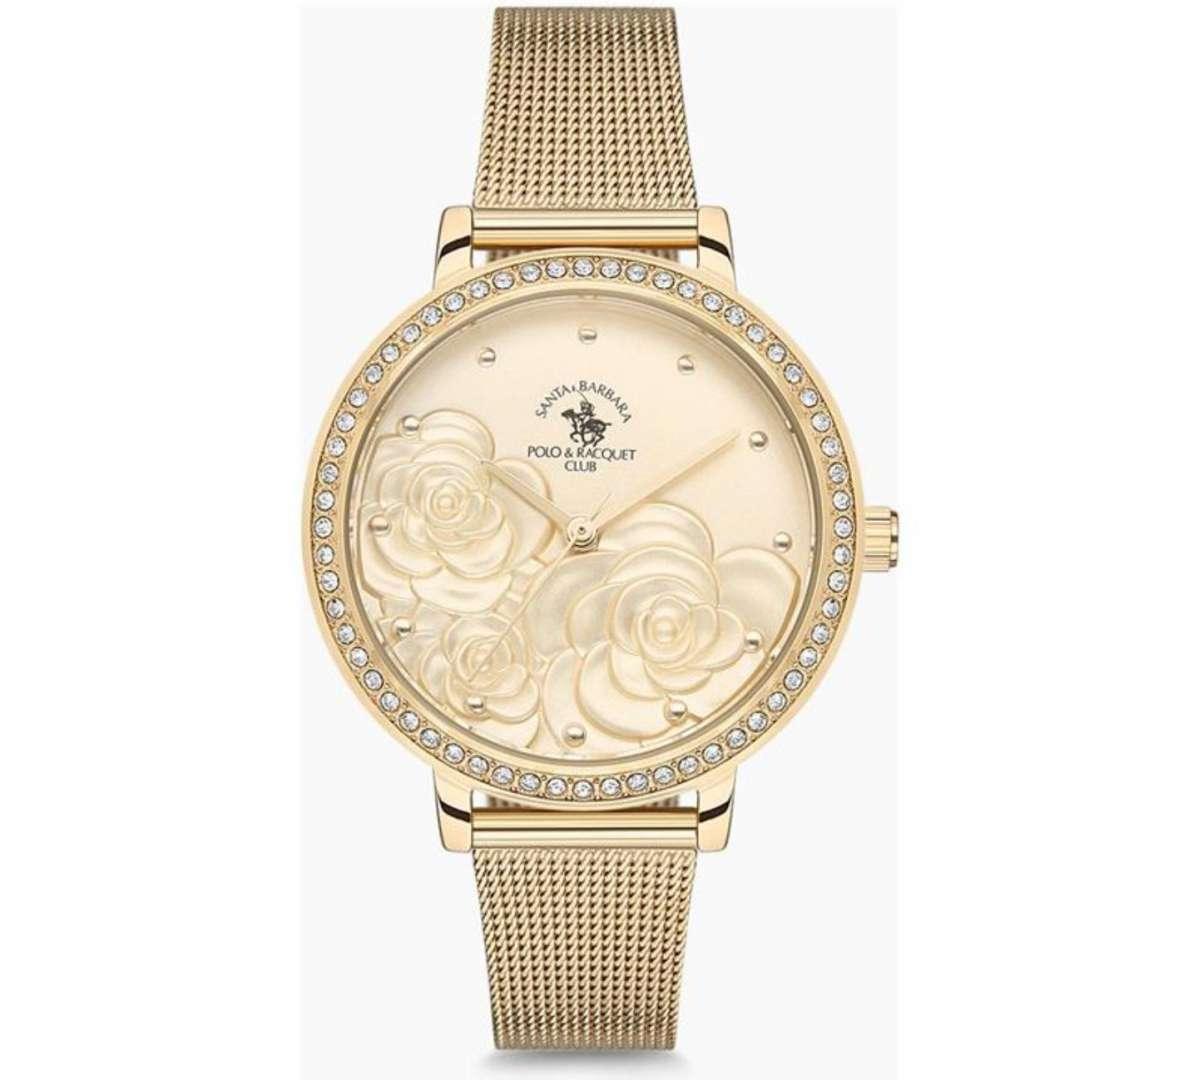 שעון יד אנלוגי santa barbara polo sb.6.1119.4 סנטה ברברה פולו קלאב